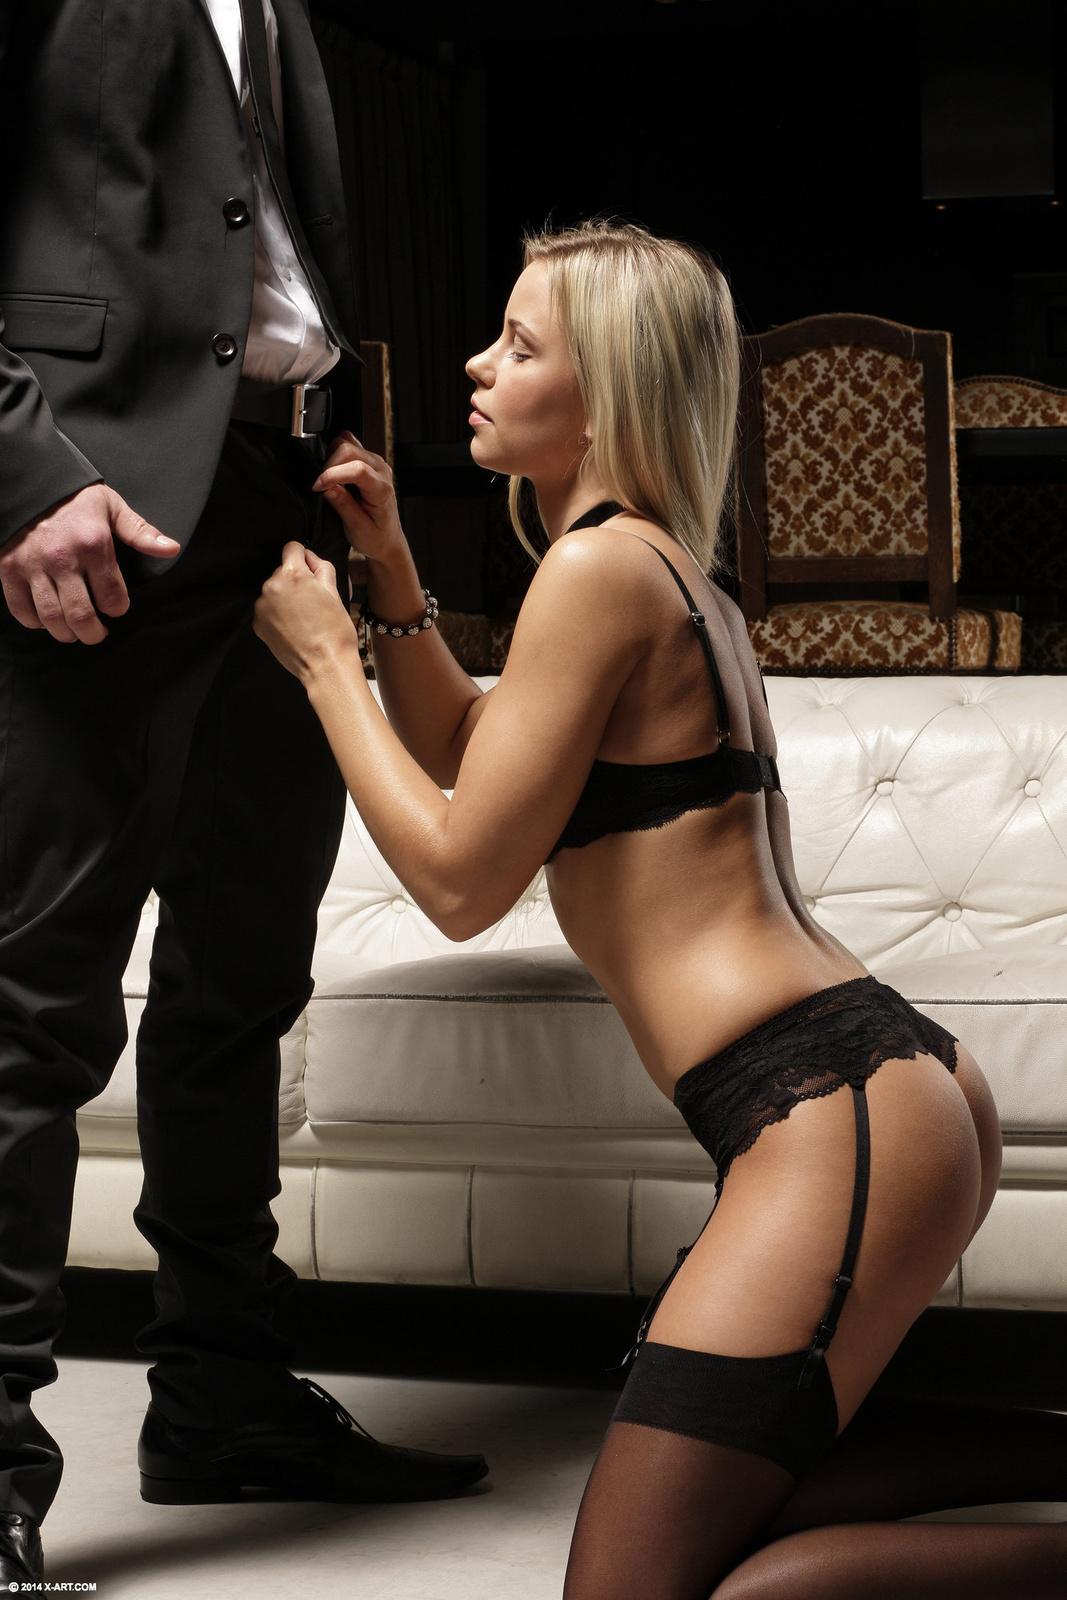 porno porte jarretelle escort tour